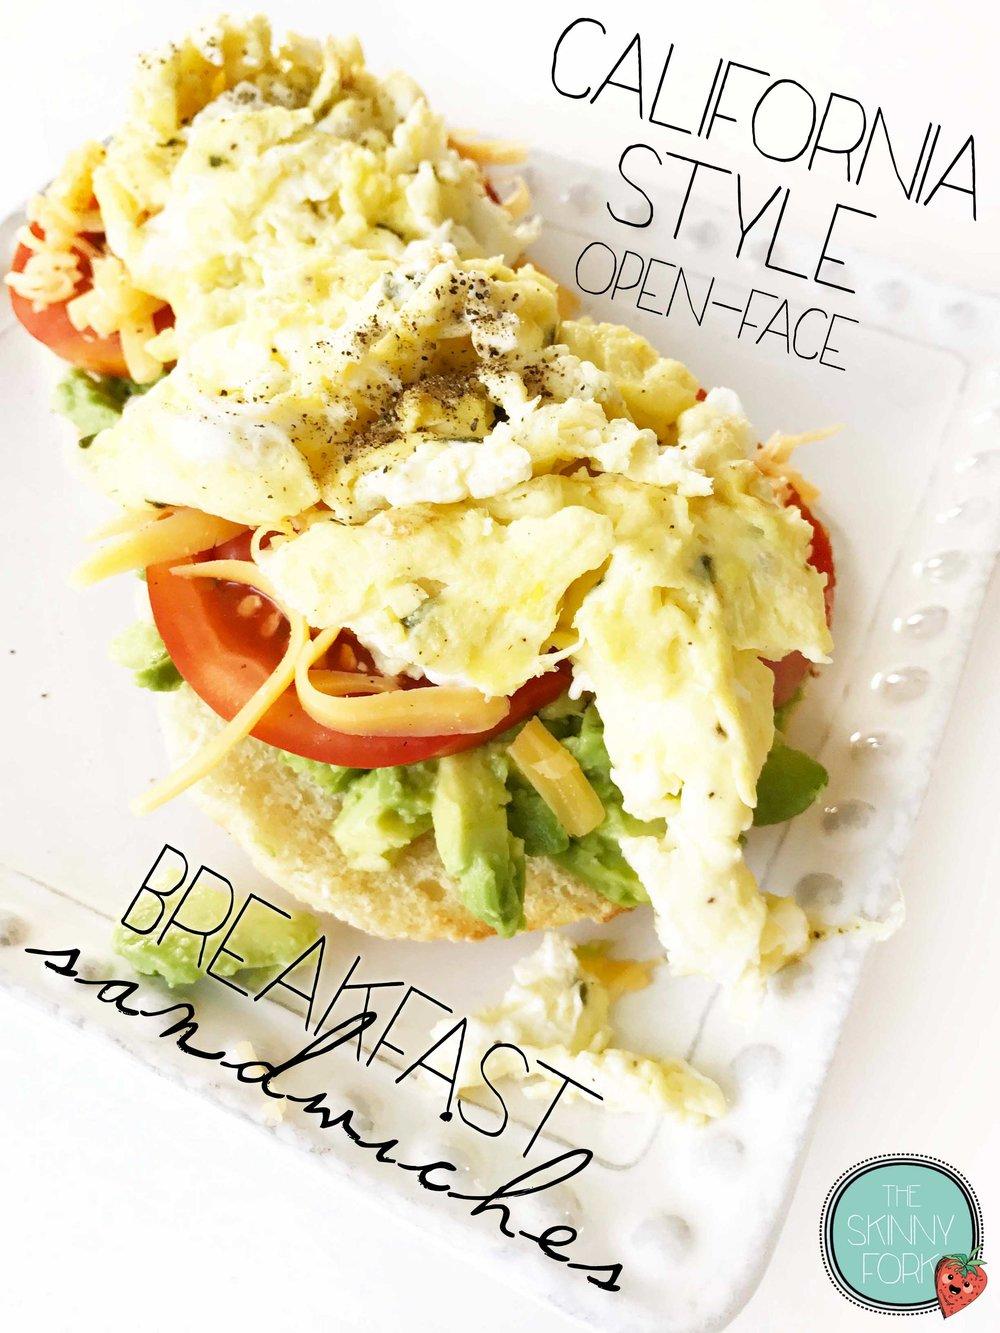 california-breakfast-sandwich-pin.jpg